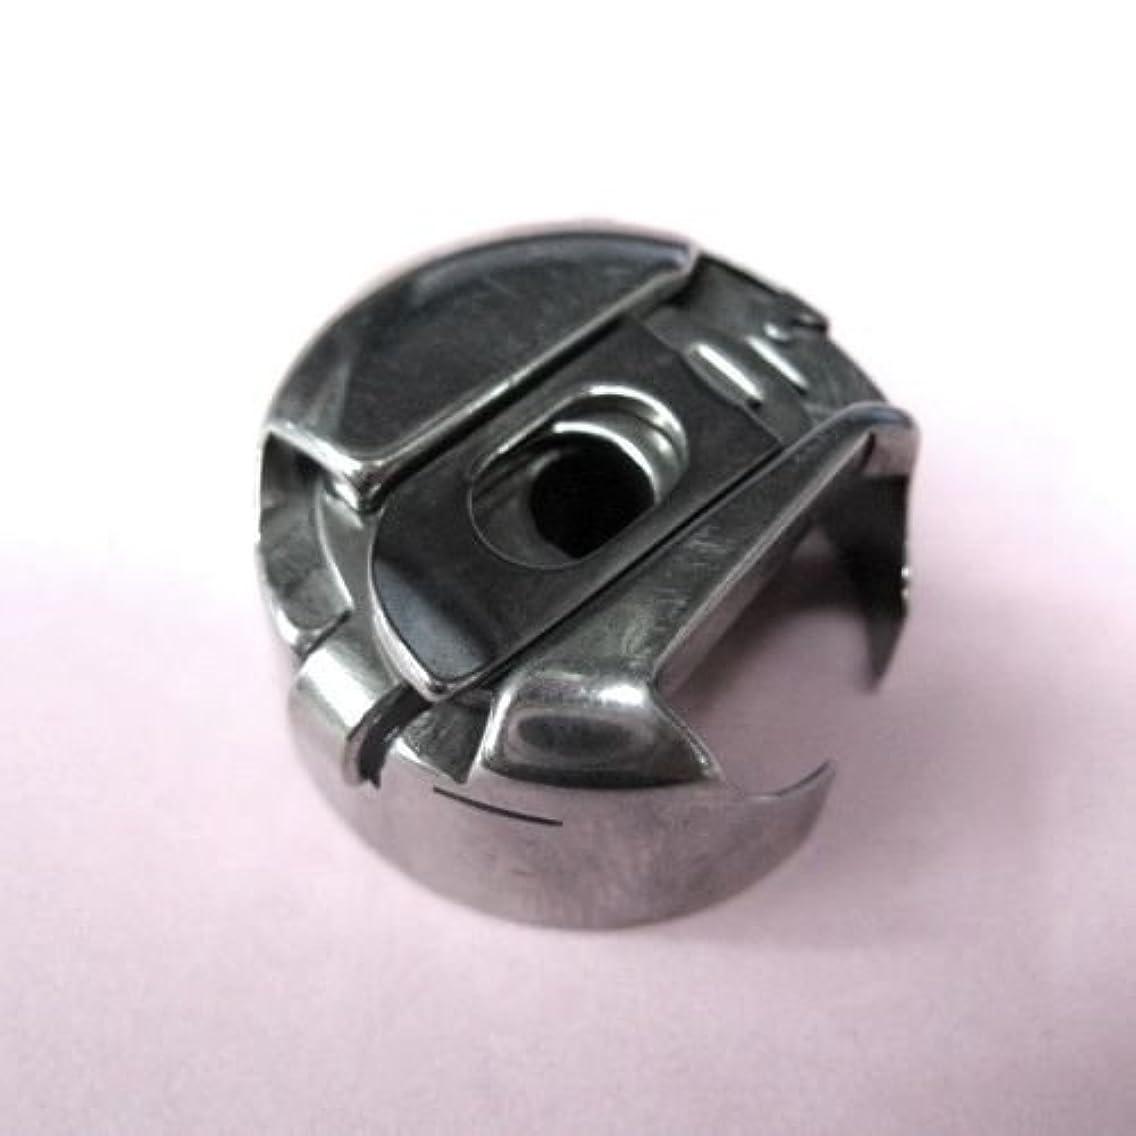 Cutex (TM) Brand Bobbin Case Pfaff #91-105544-91 Fits 7510, 7550, 1475, 1473, 1471 Sewing Machine